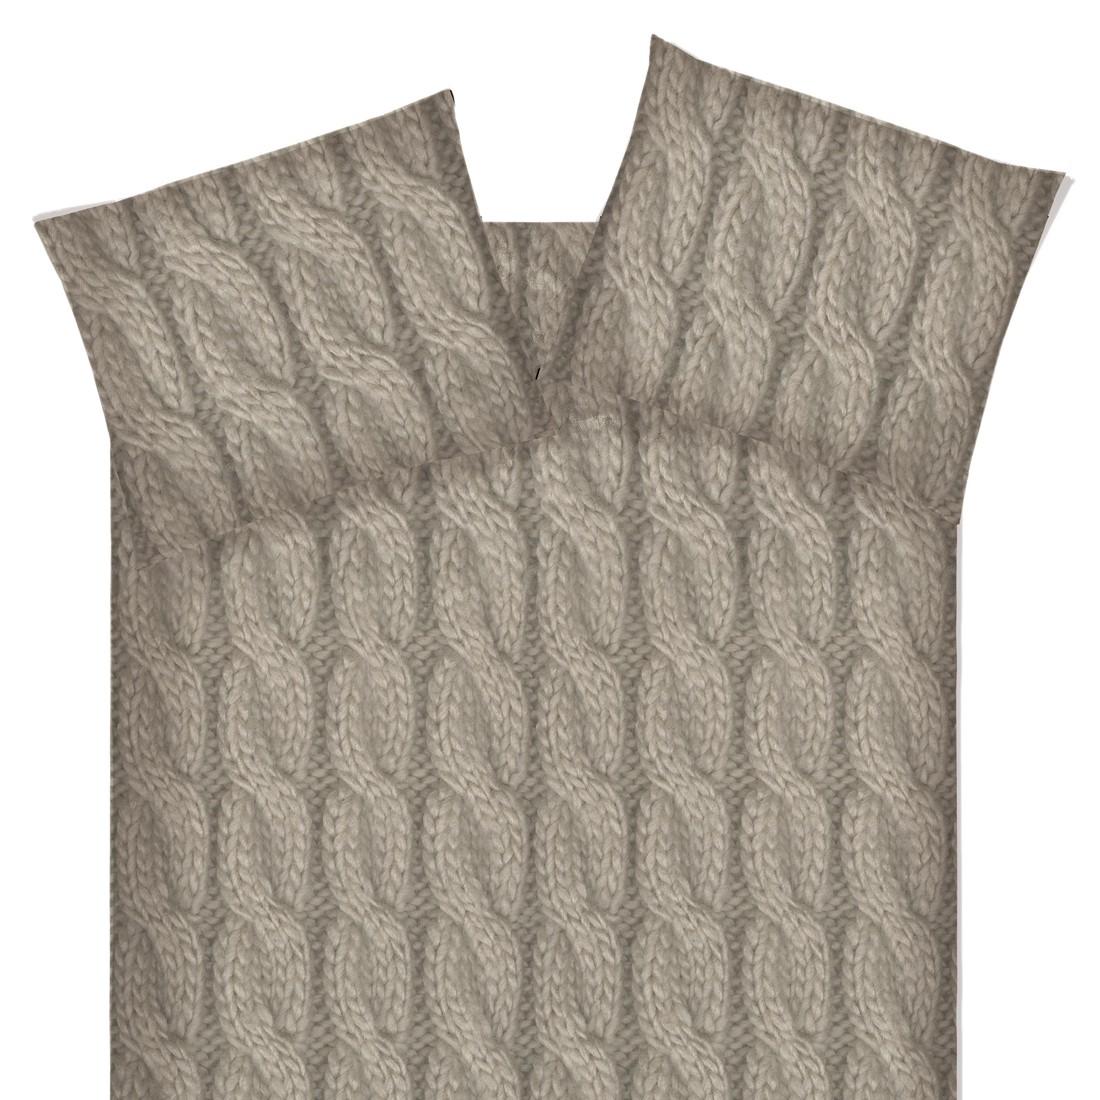 Bettwäsche Ivory Lufness - Flanell - Sand - 200x220, Beddinghouse